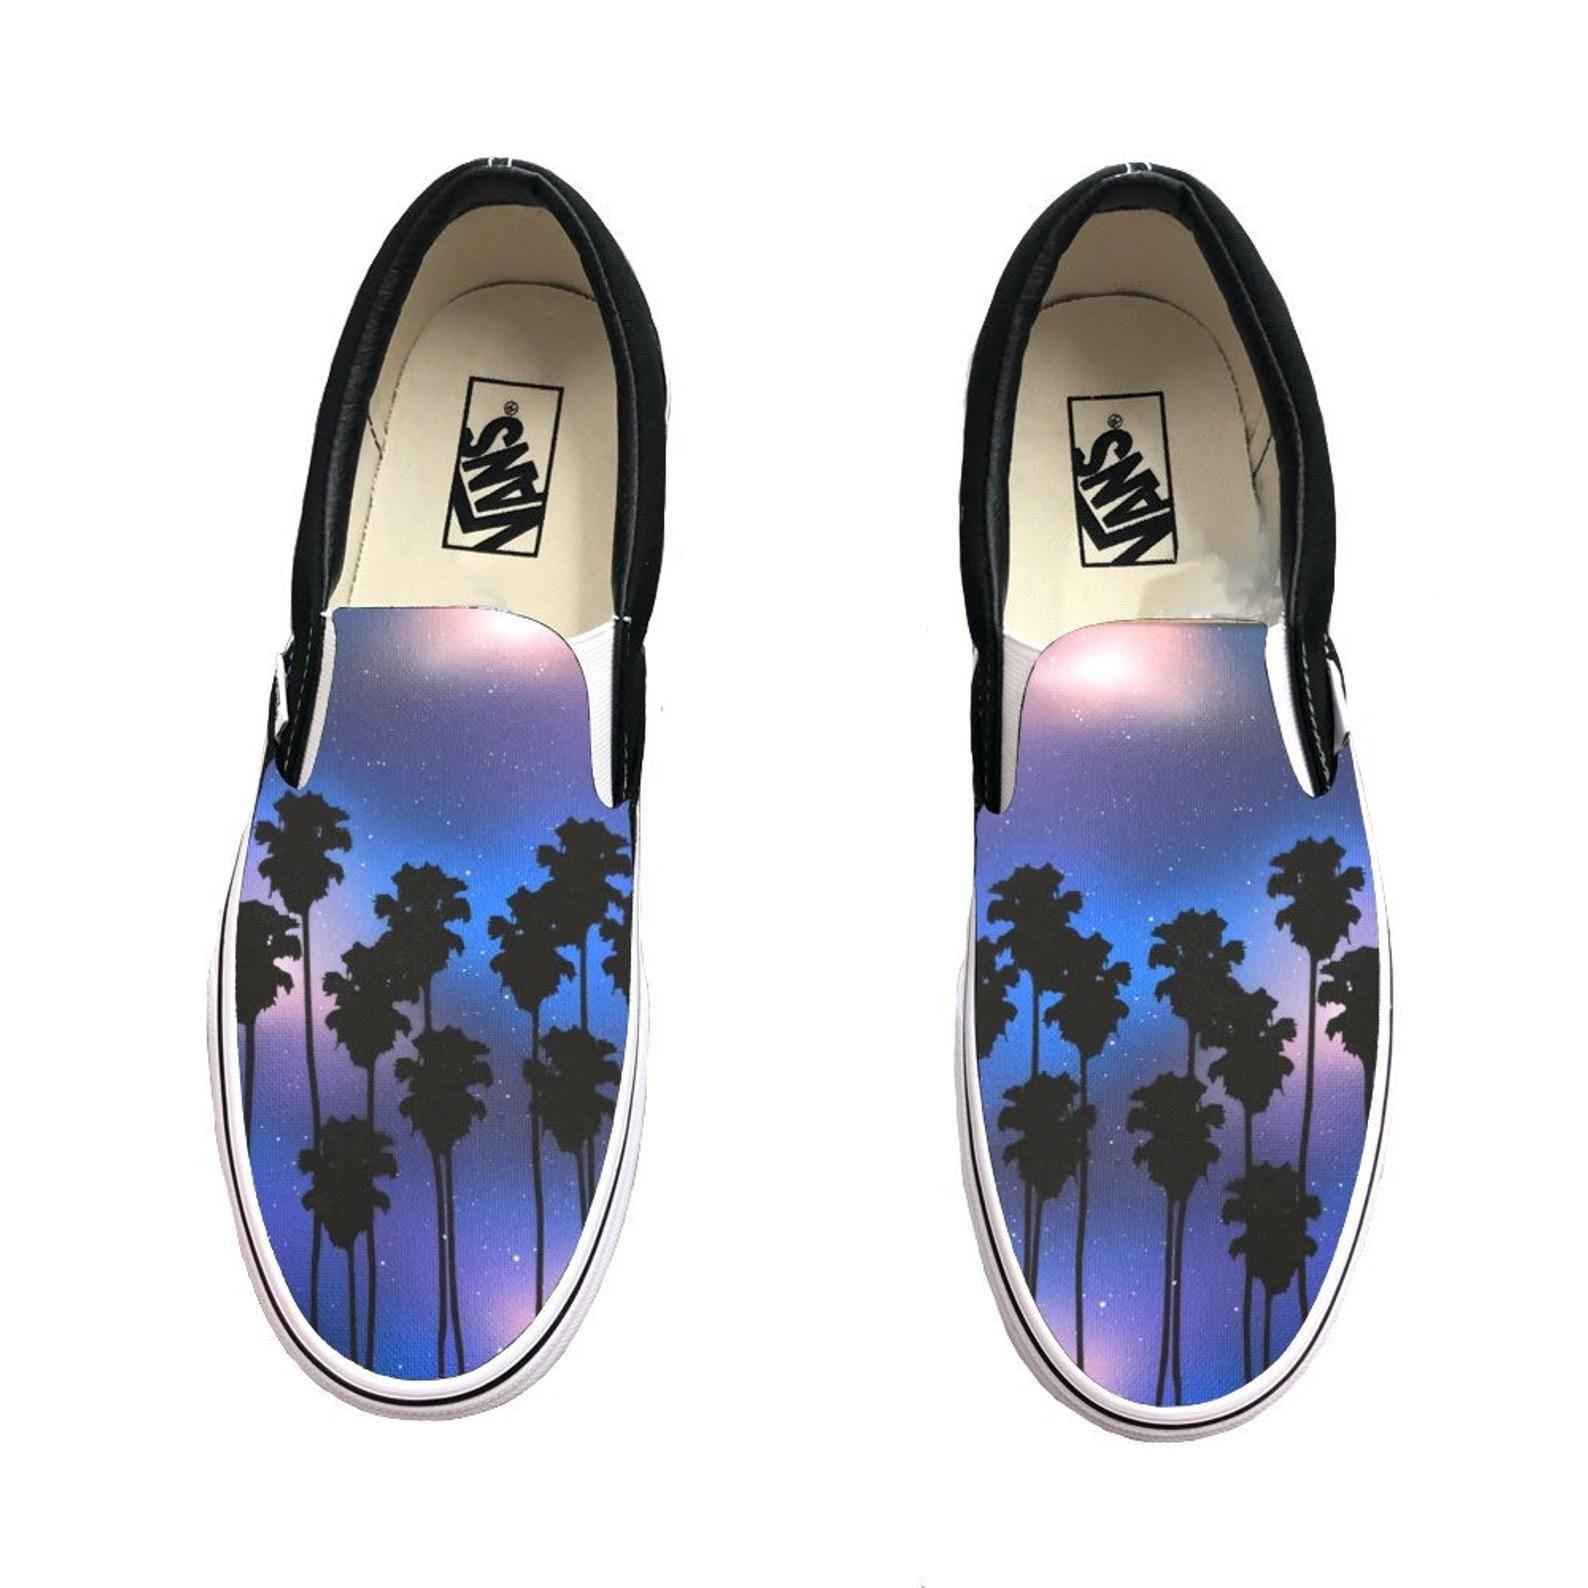 VANS Tropical Leaf Slip On Shoes Size: 8.5